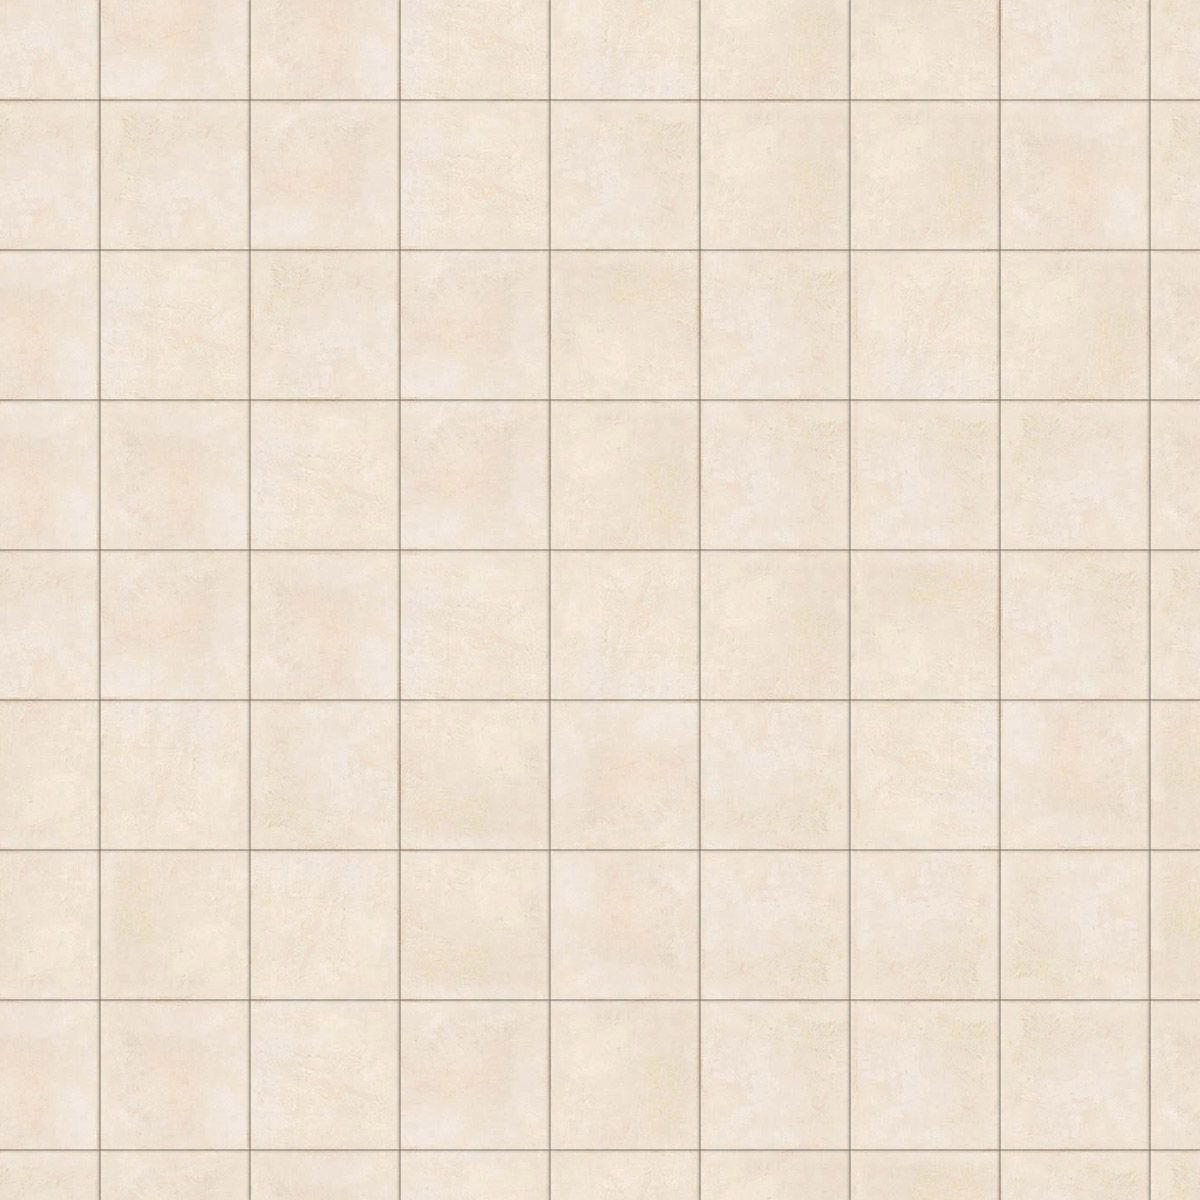 Modern Tile Floor Texture Design Decorating 920542 Floor